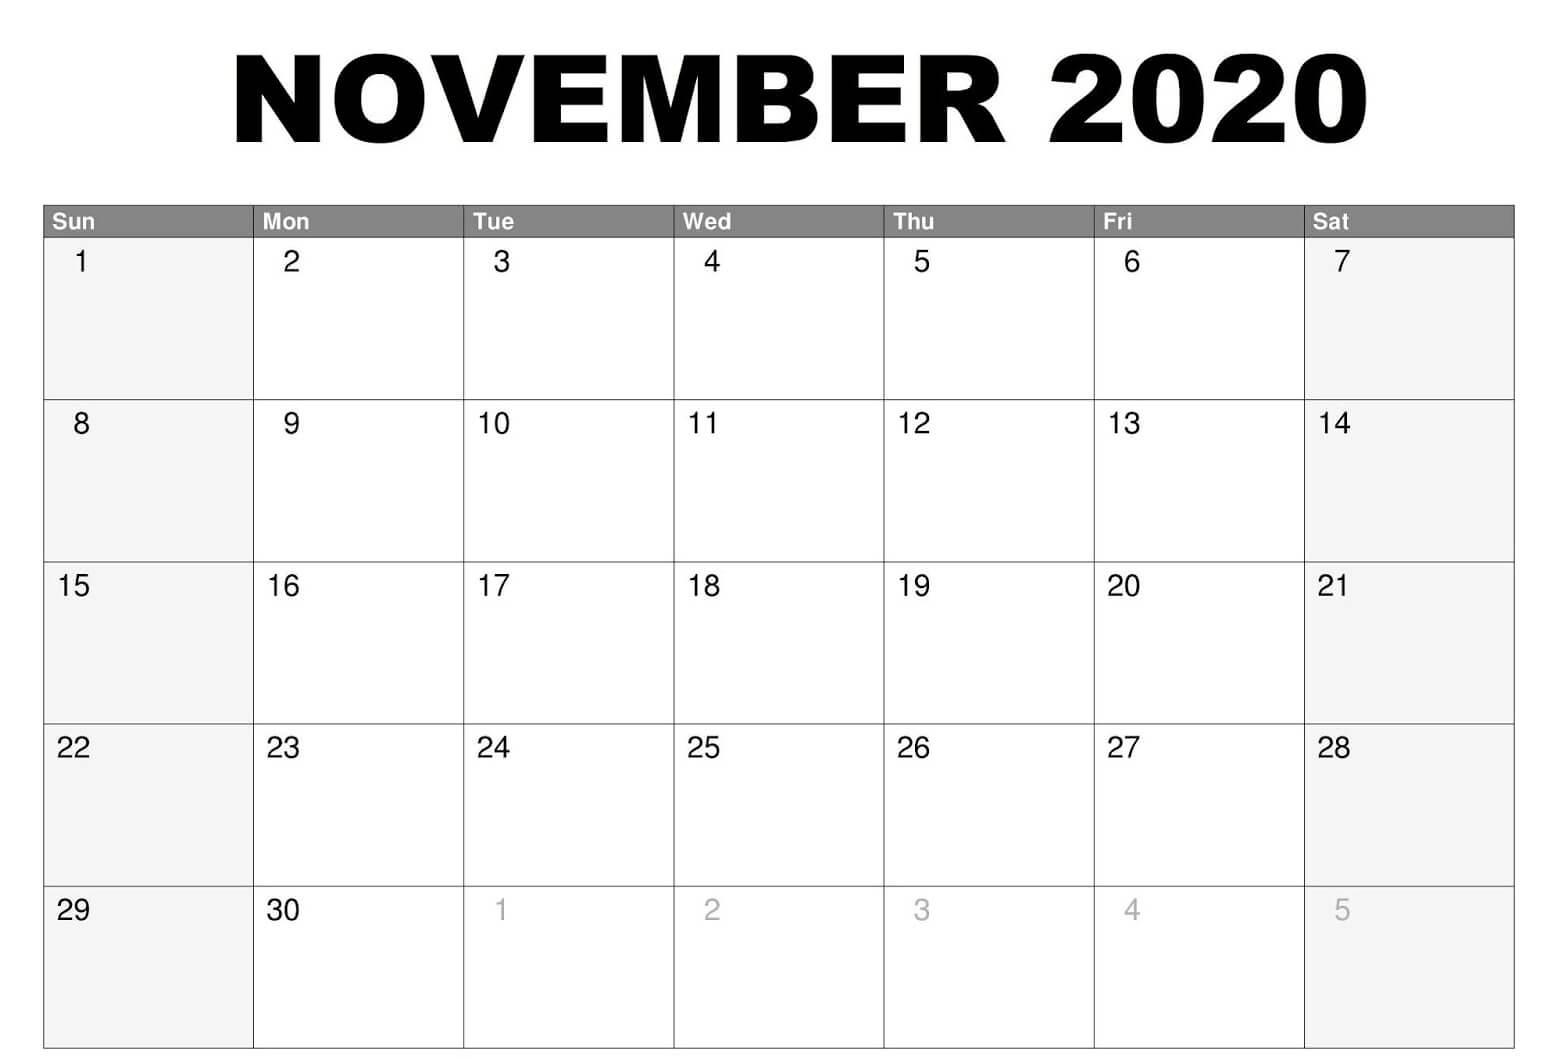 Fillable November 2020 Calendar Template